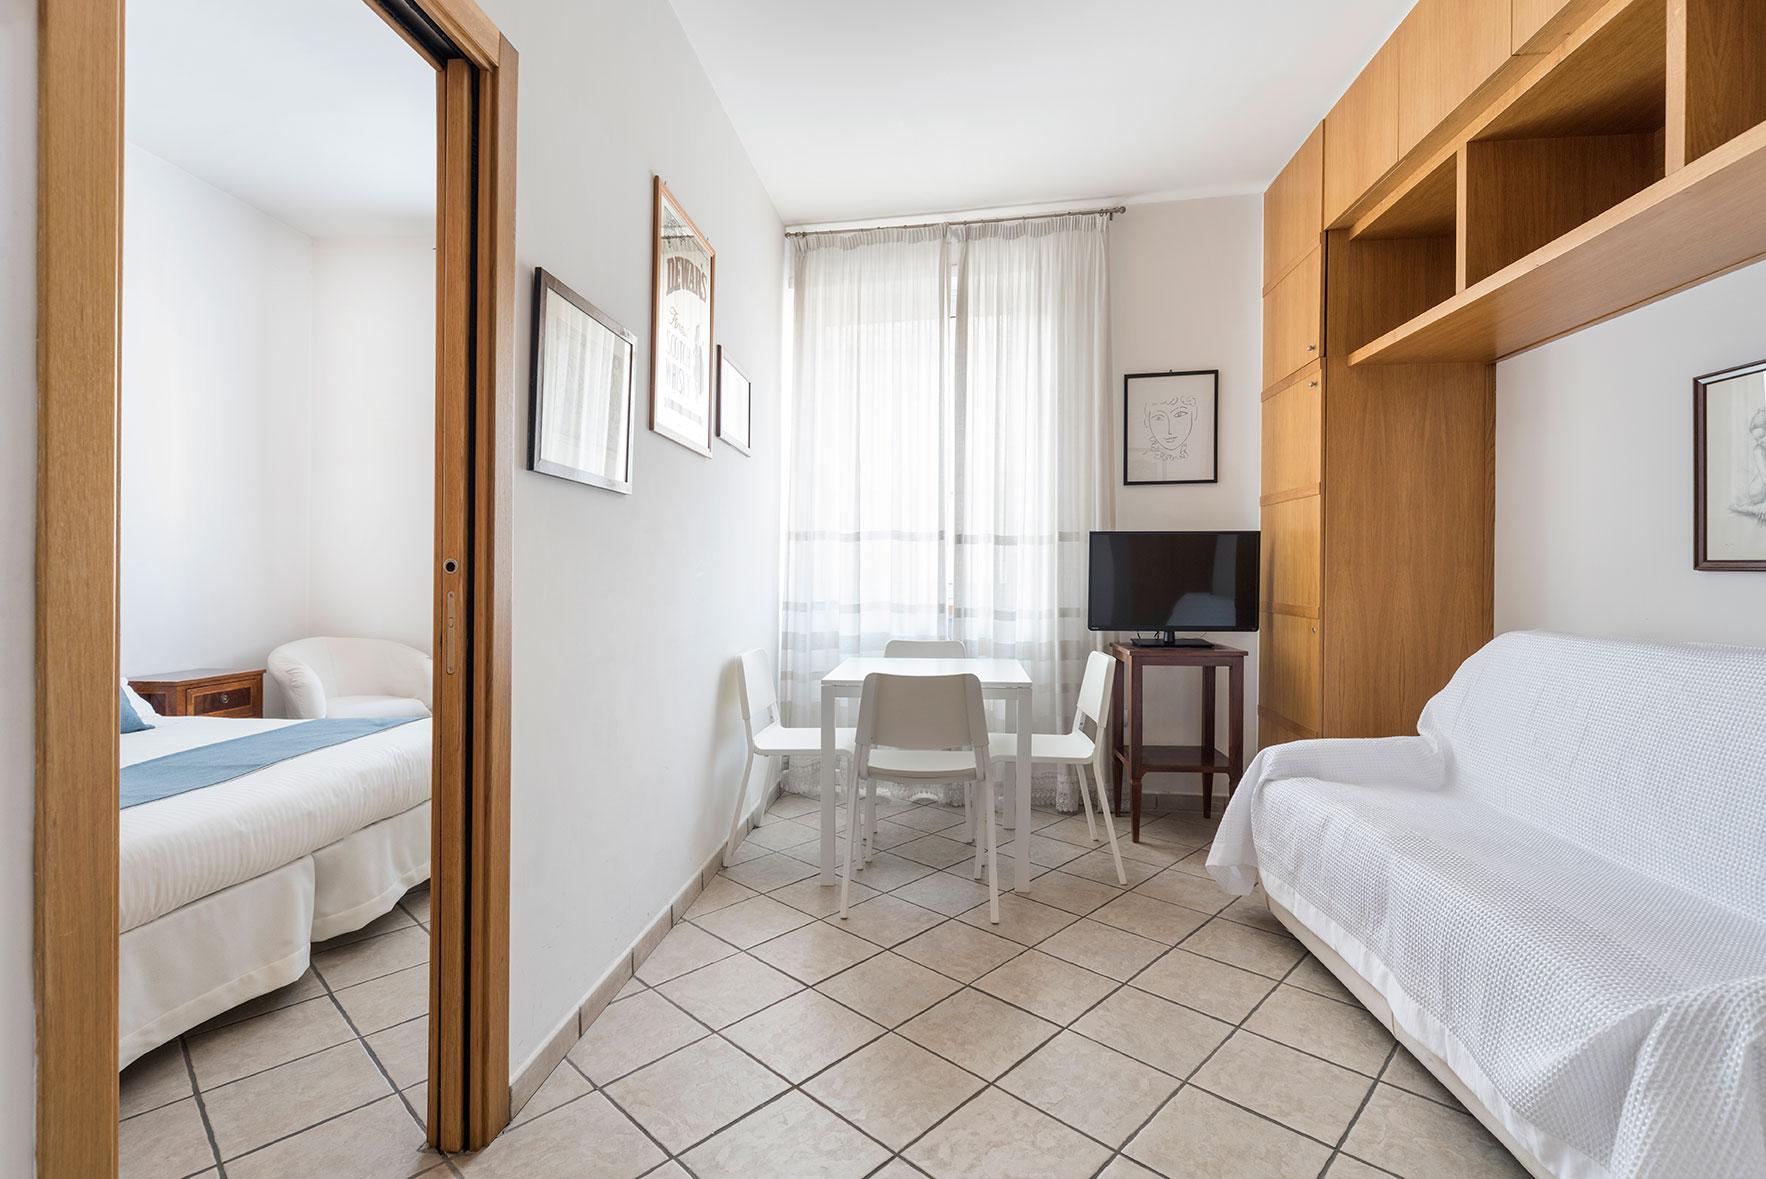 appartamento-classic-fiorentini-residence-napoli-2